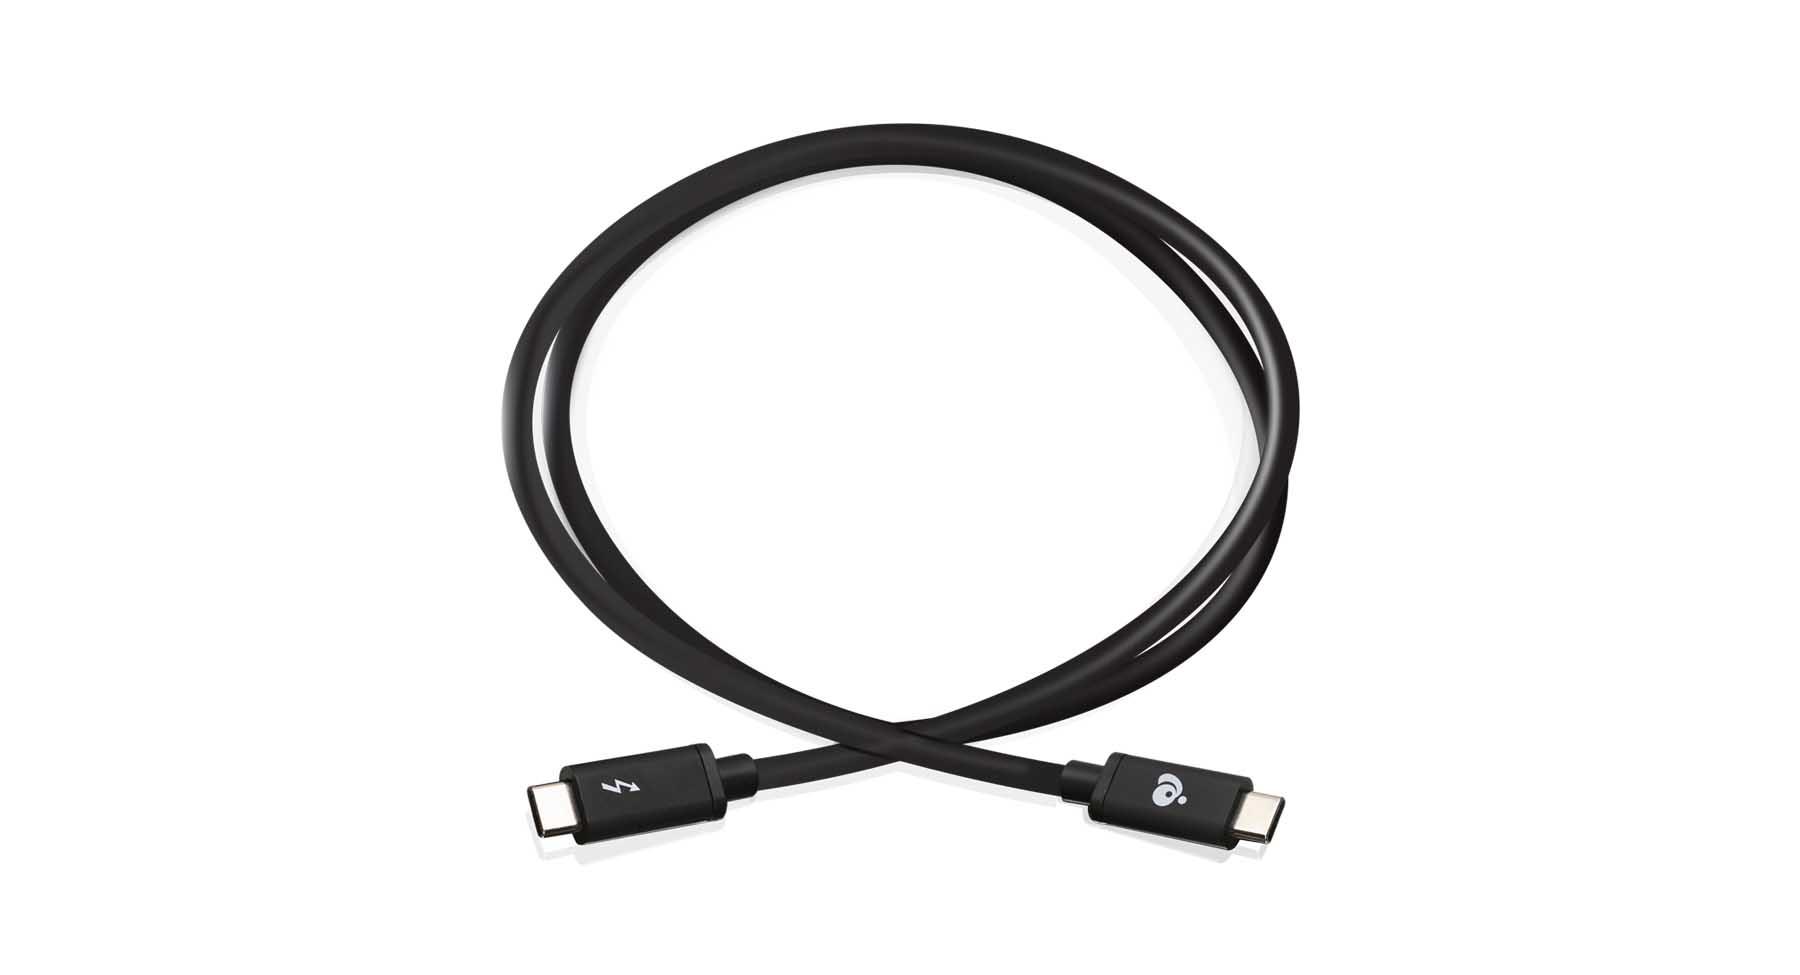 IOGEAR - GT3C01 - Thunderbolt 3 USB-C 1m 20Gbps Cable